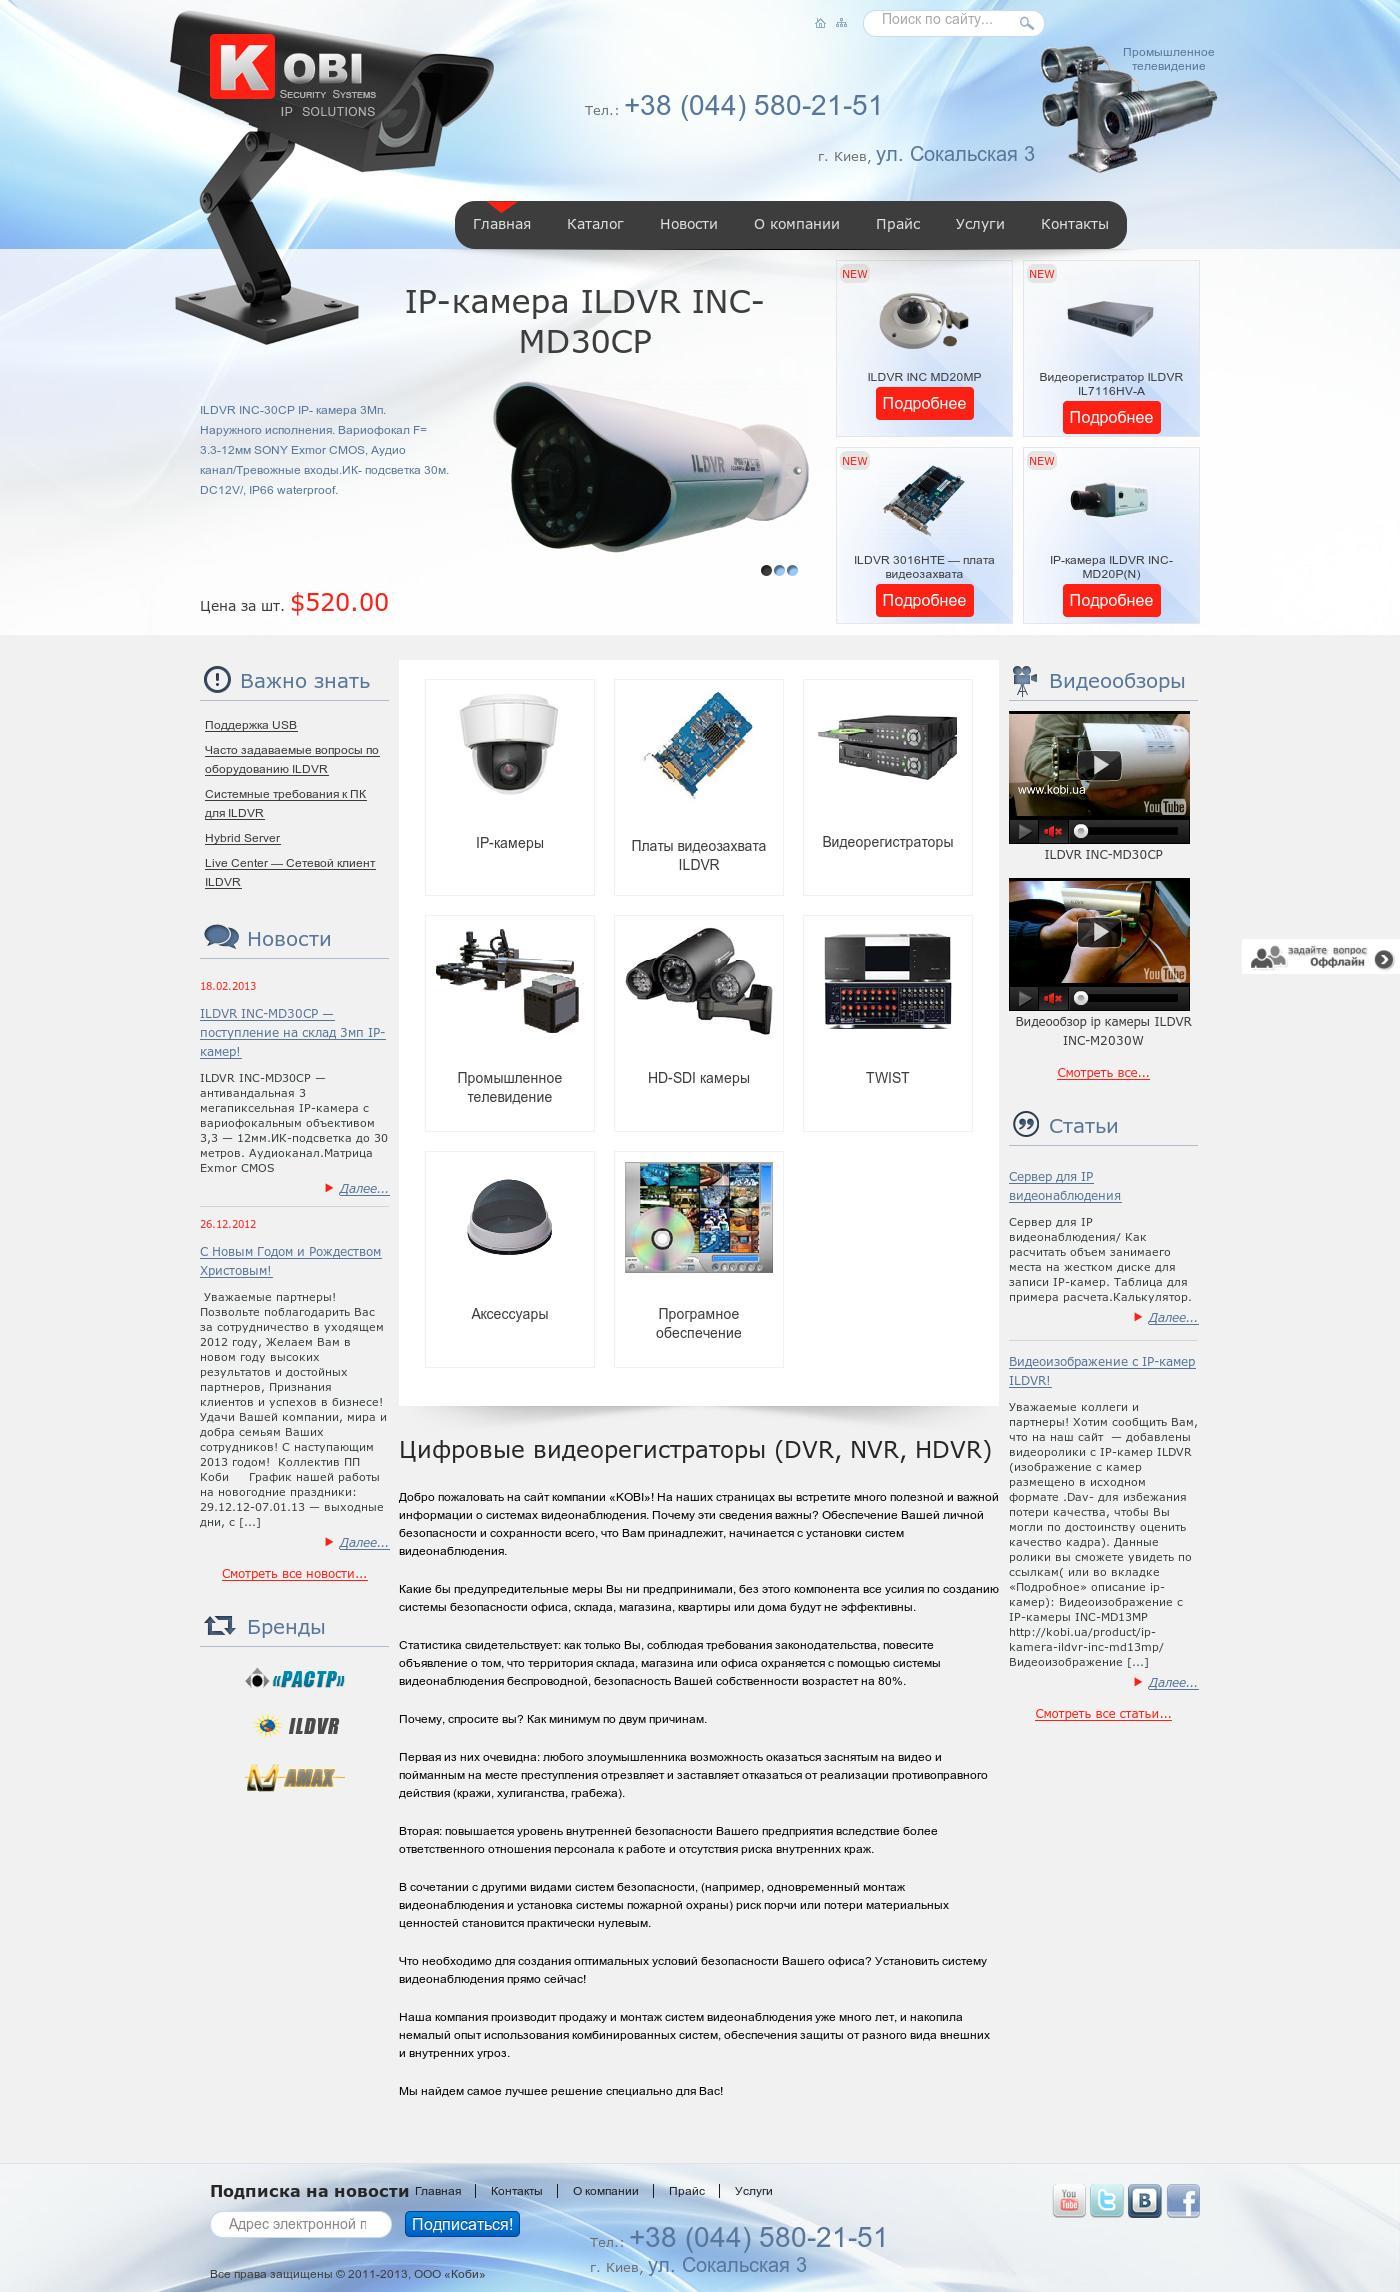 Kobi - системы видео наблюдения